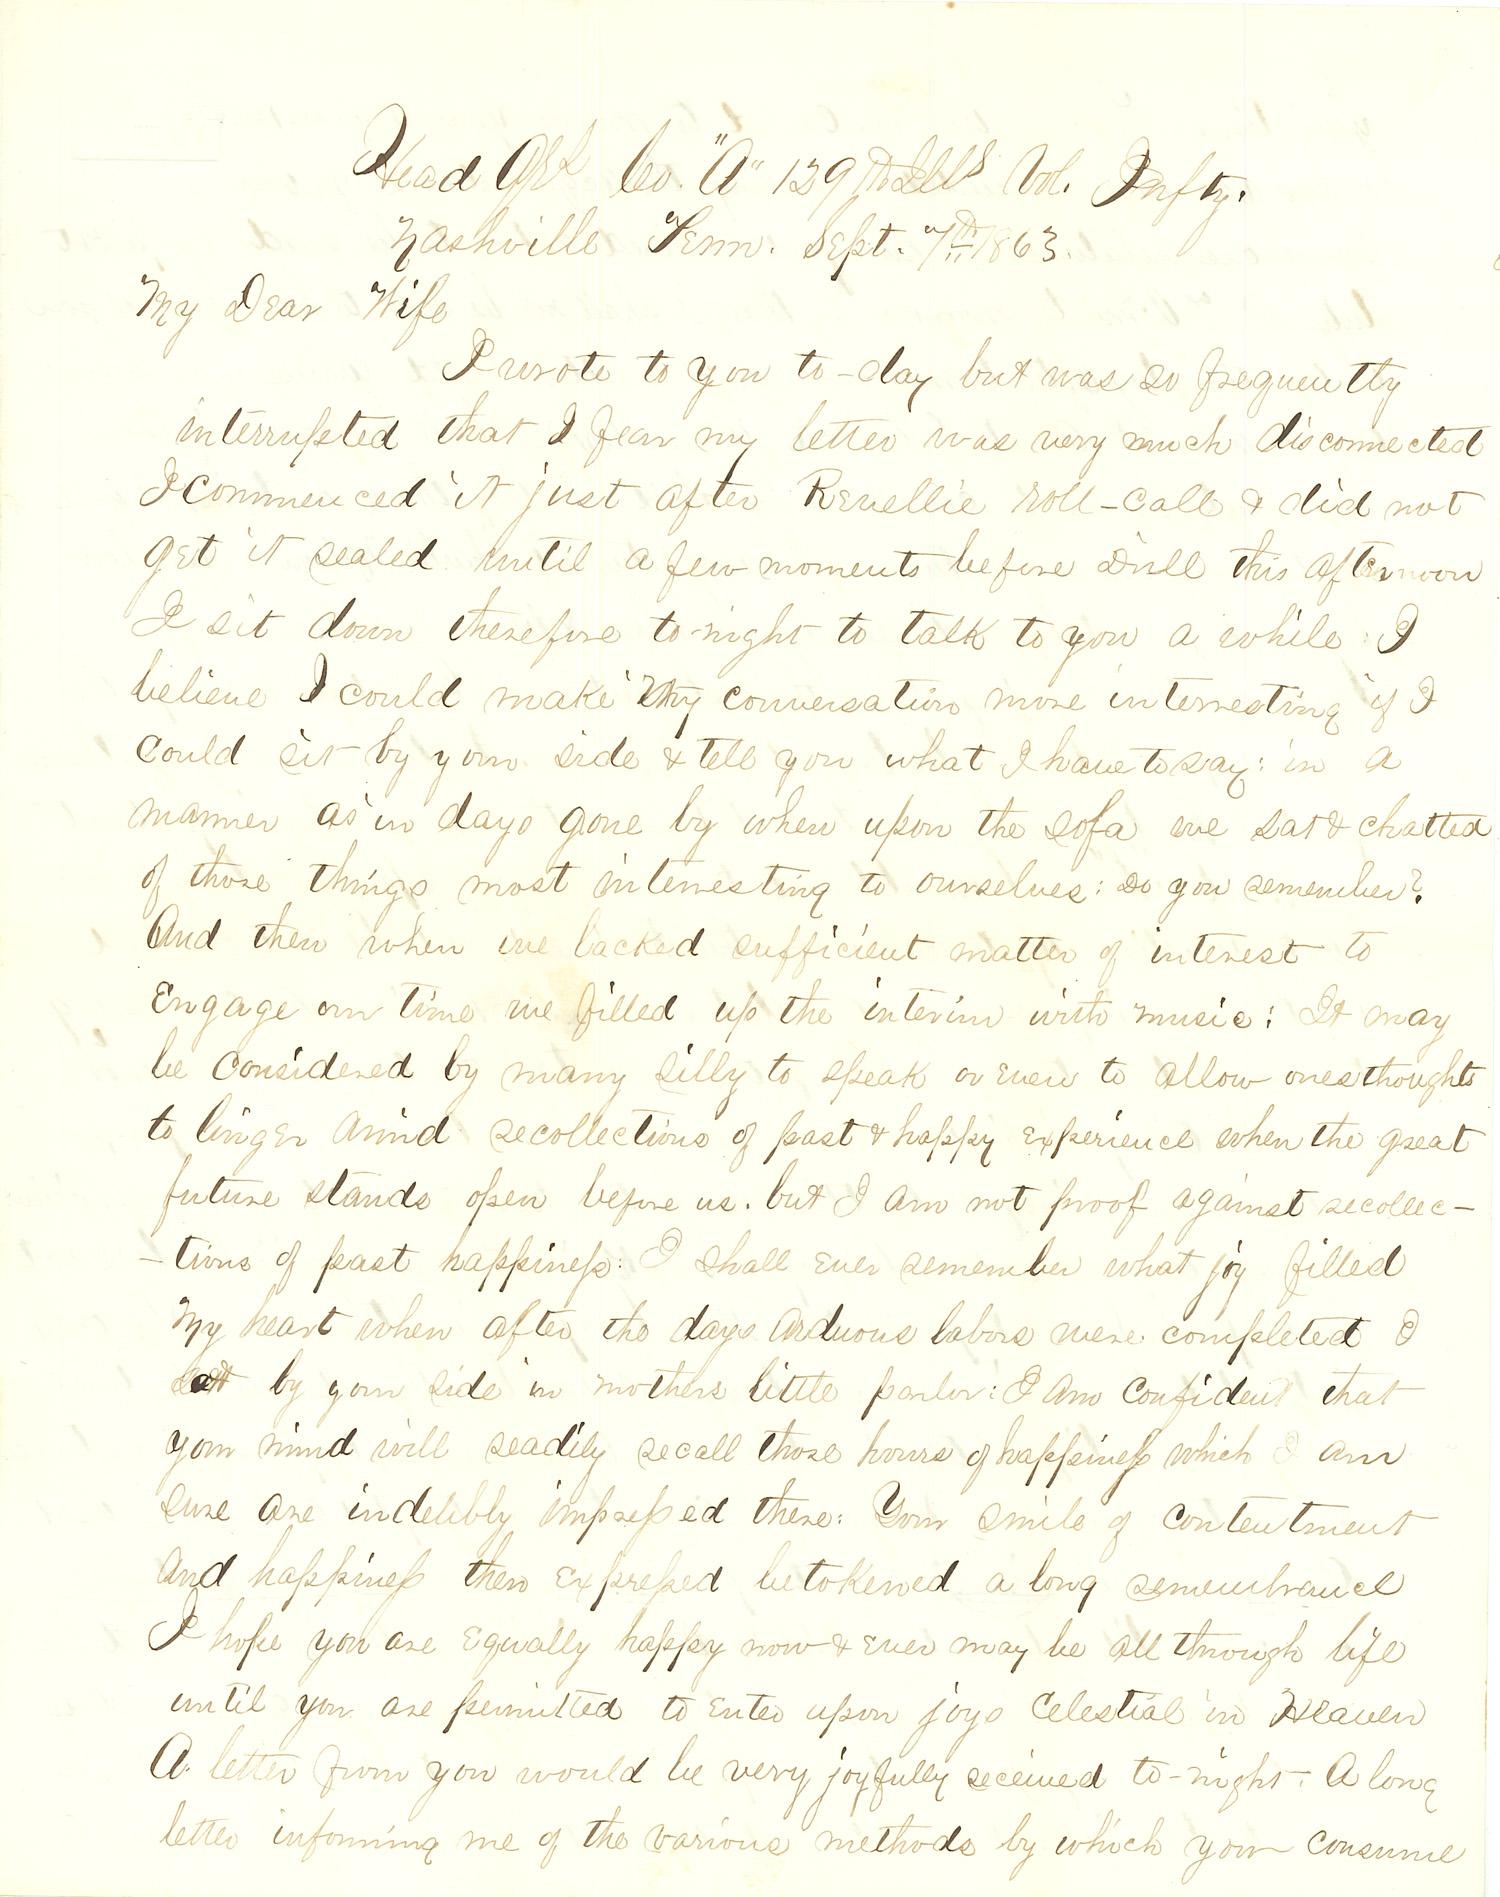 Joseph Culver Letter, September 7, 1863, Letter 3, Page 1